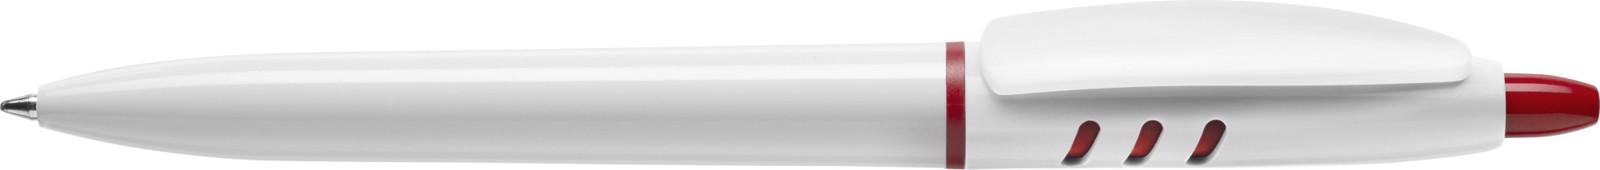 Stilolinea S30 plastic ballpen - White / Red